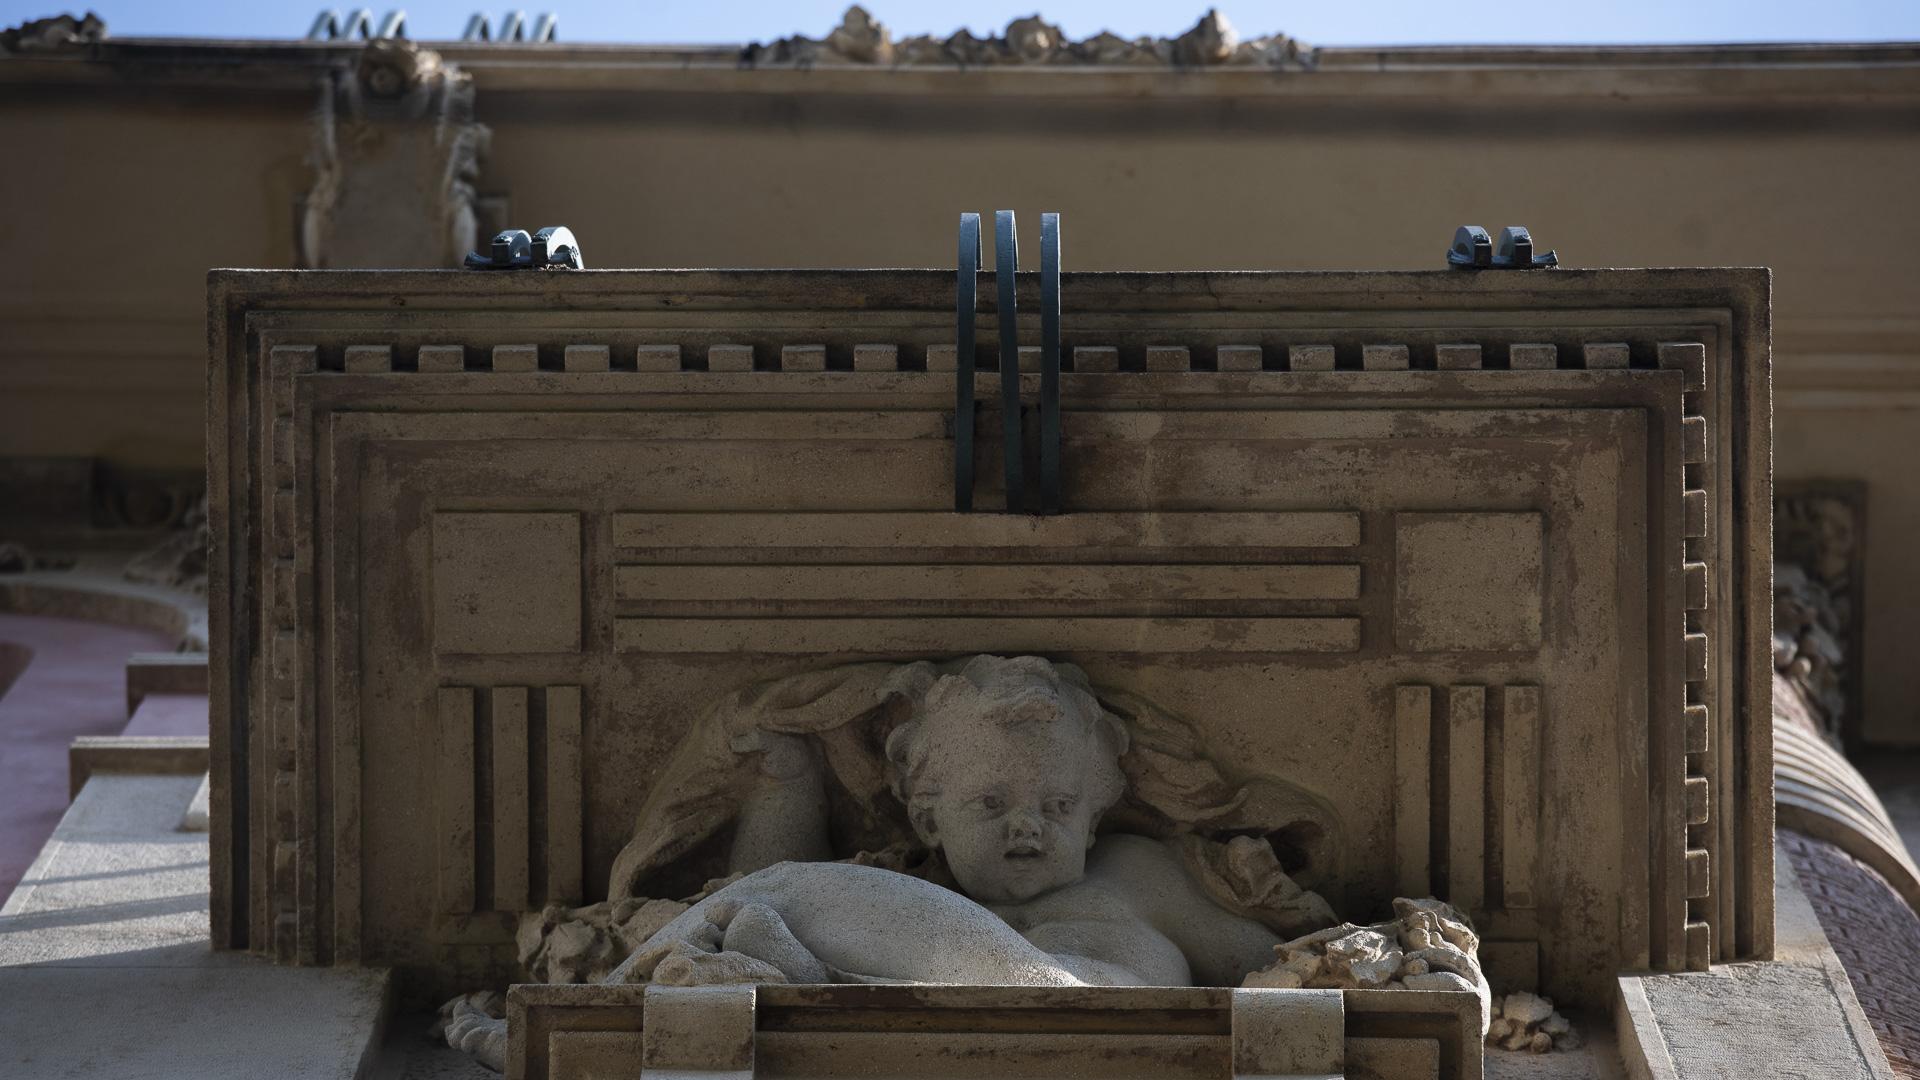 Este edificio era una casa de renta. Las dos entradas principales comparten un palier con 4 esculturas femeninas y la medianera está calada, de modo tal que se pueden ver las figuras de un palier a otro